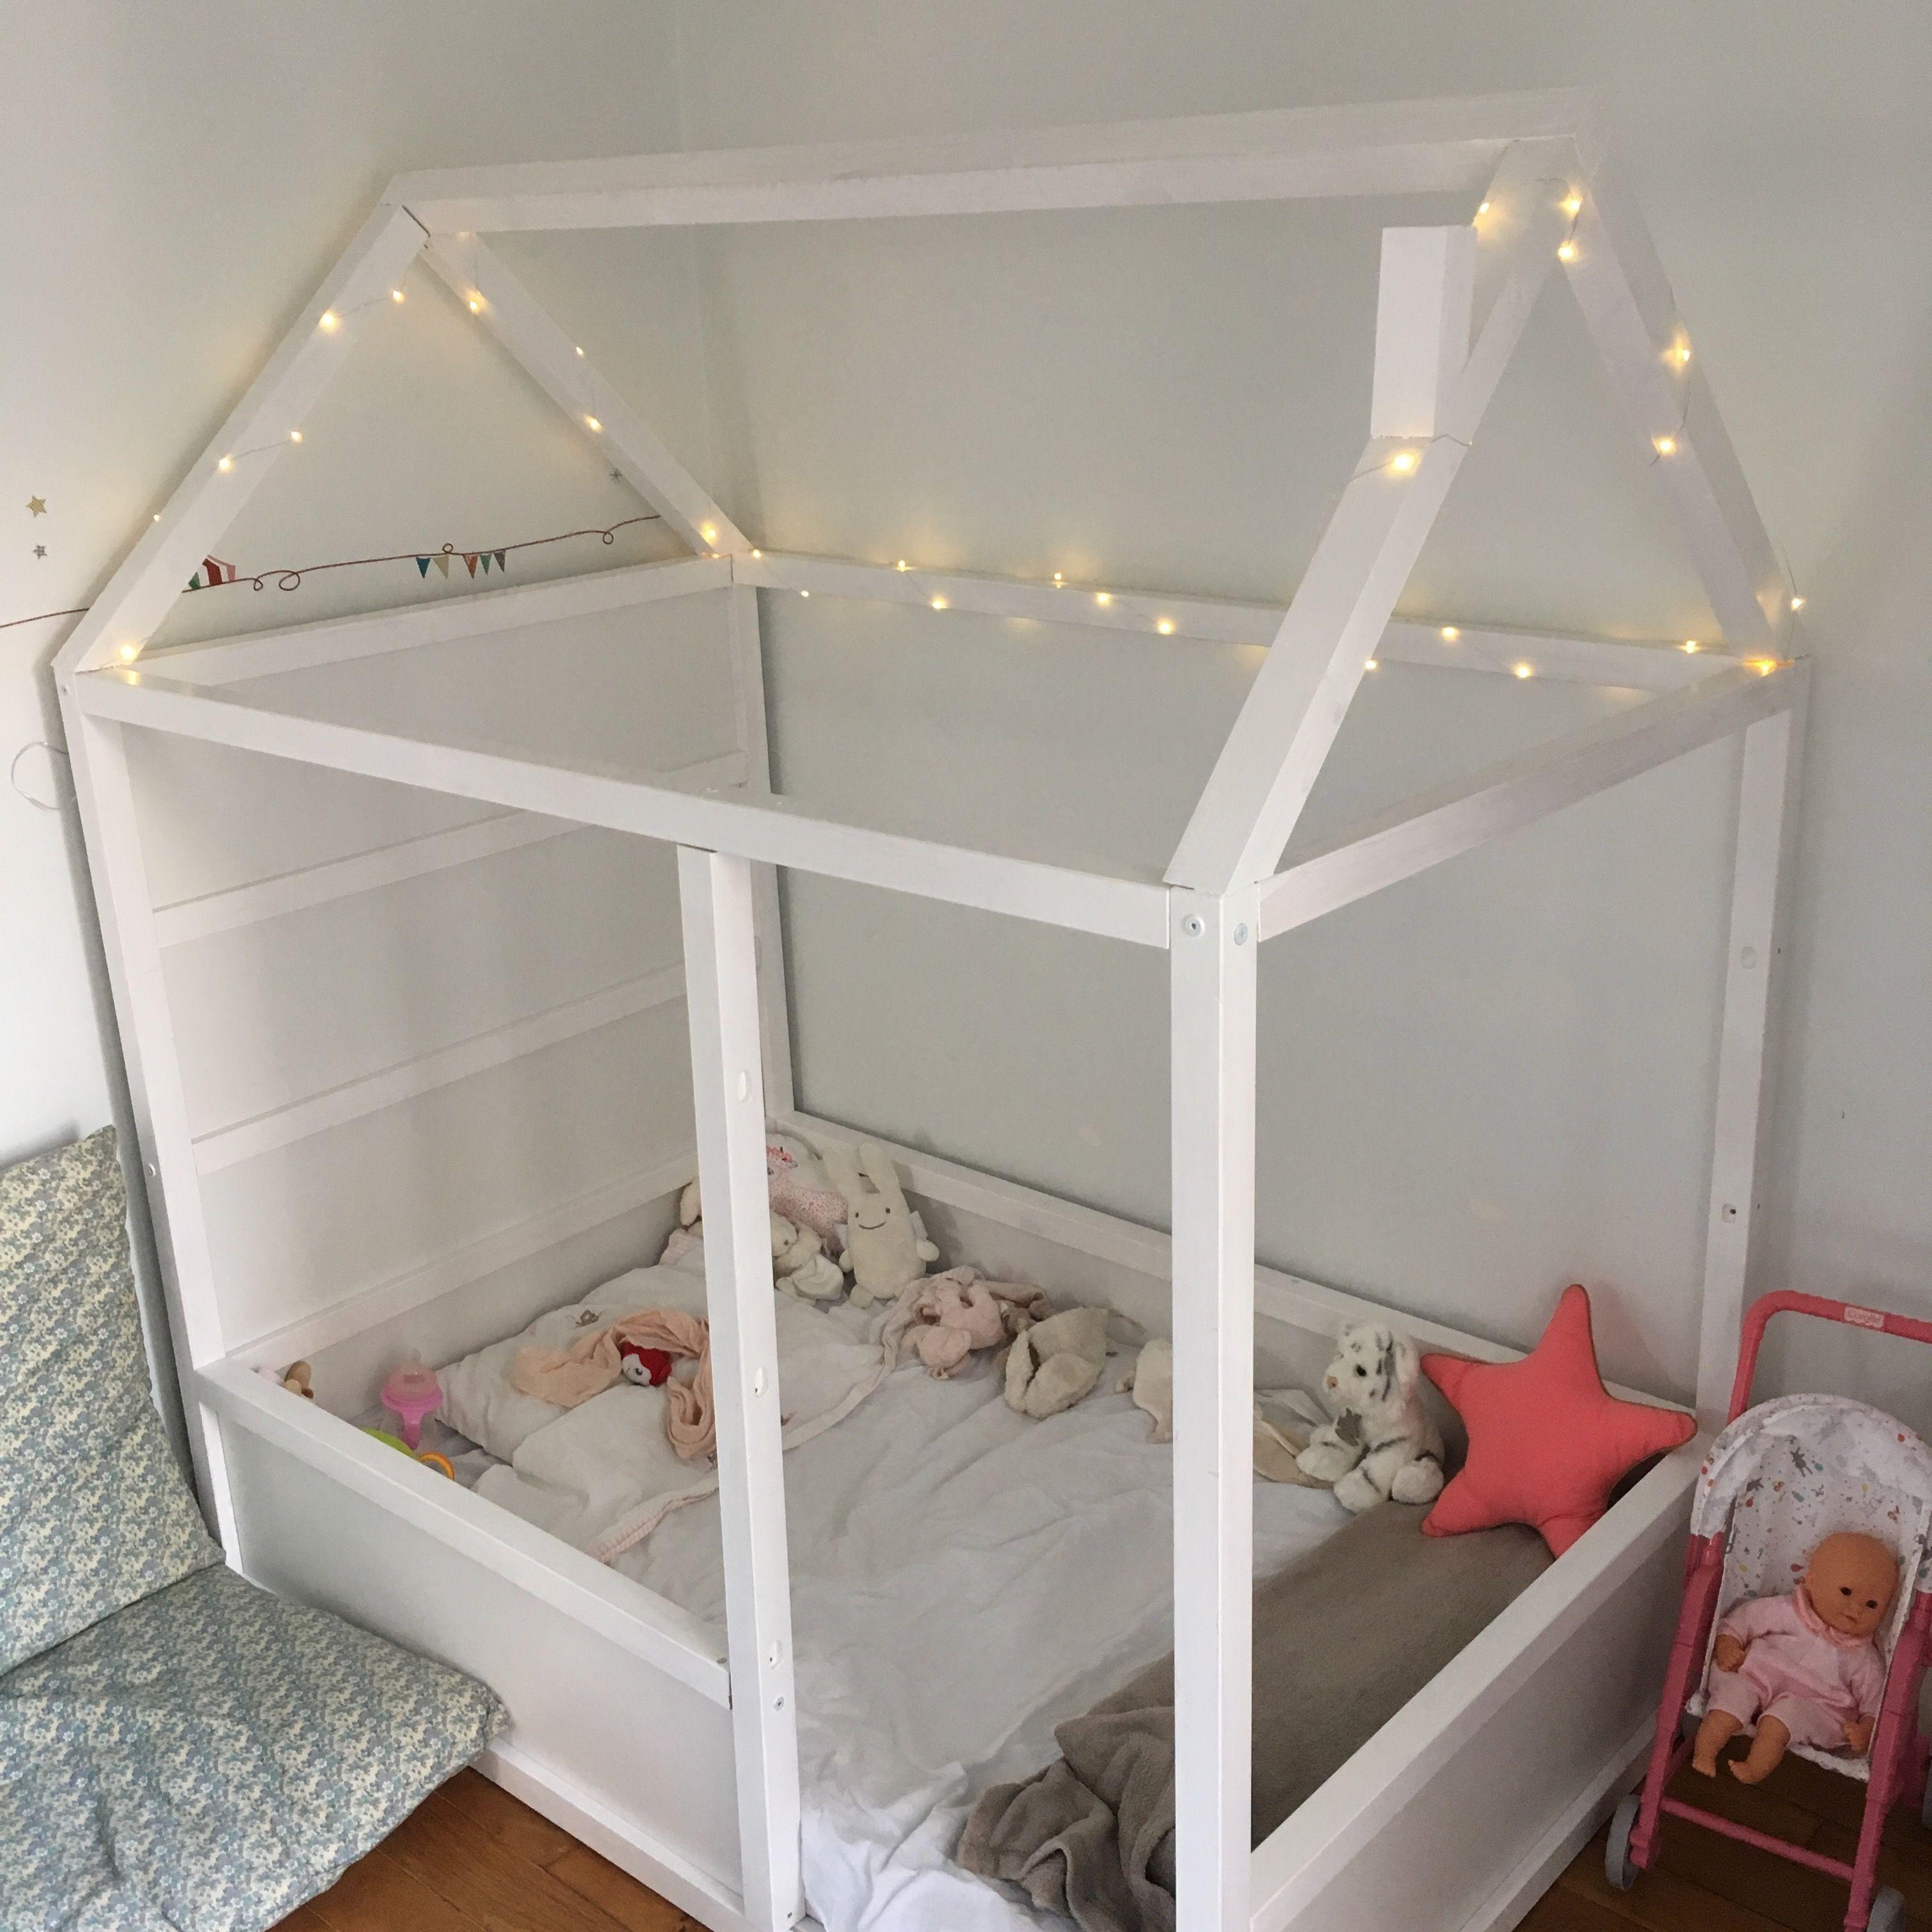 Le lit maison cabane de Zo  IKEA Hack lit Kura  What to